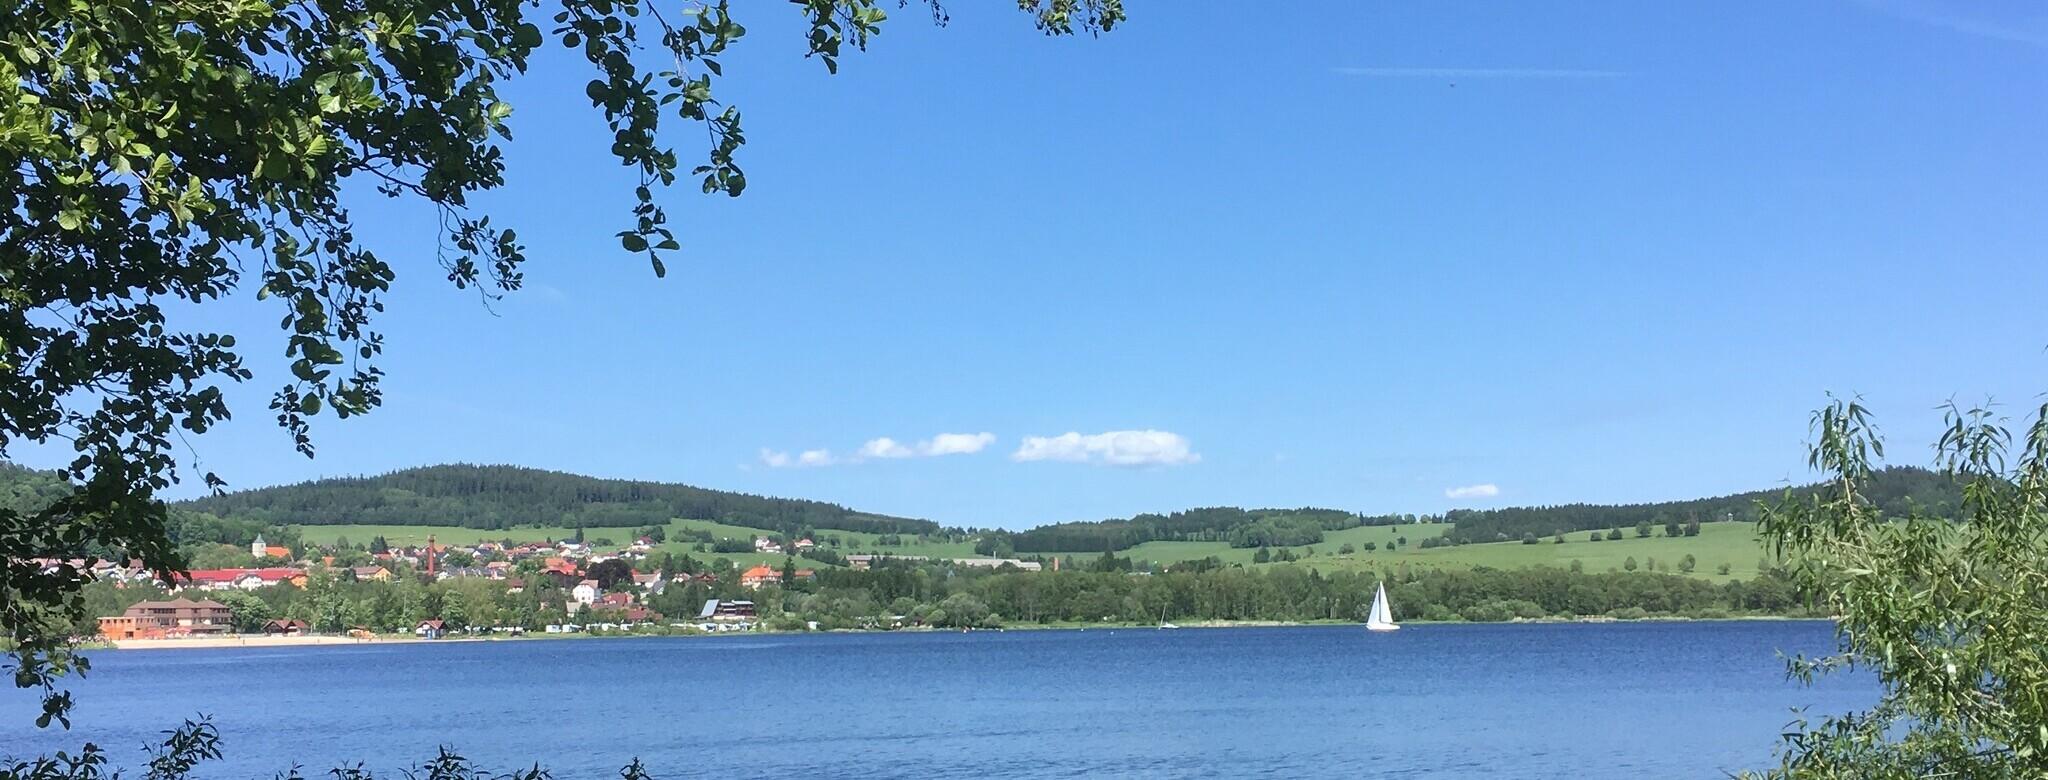 idyllischer Böhmerwald